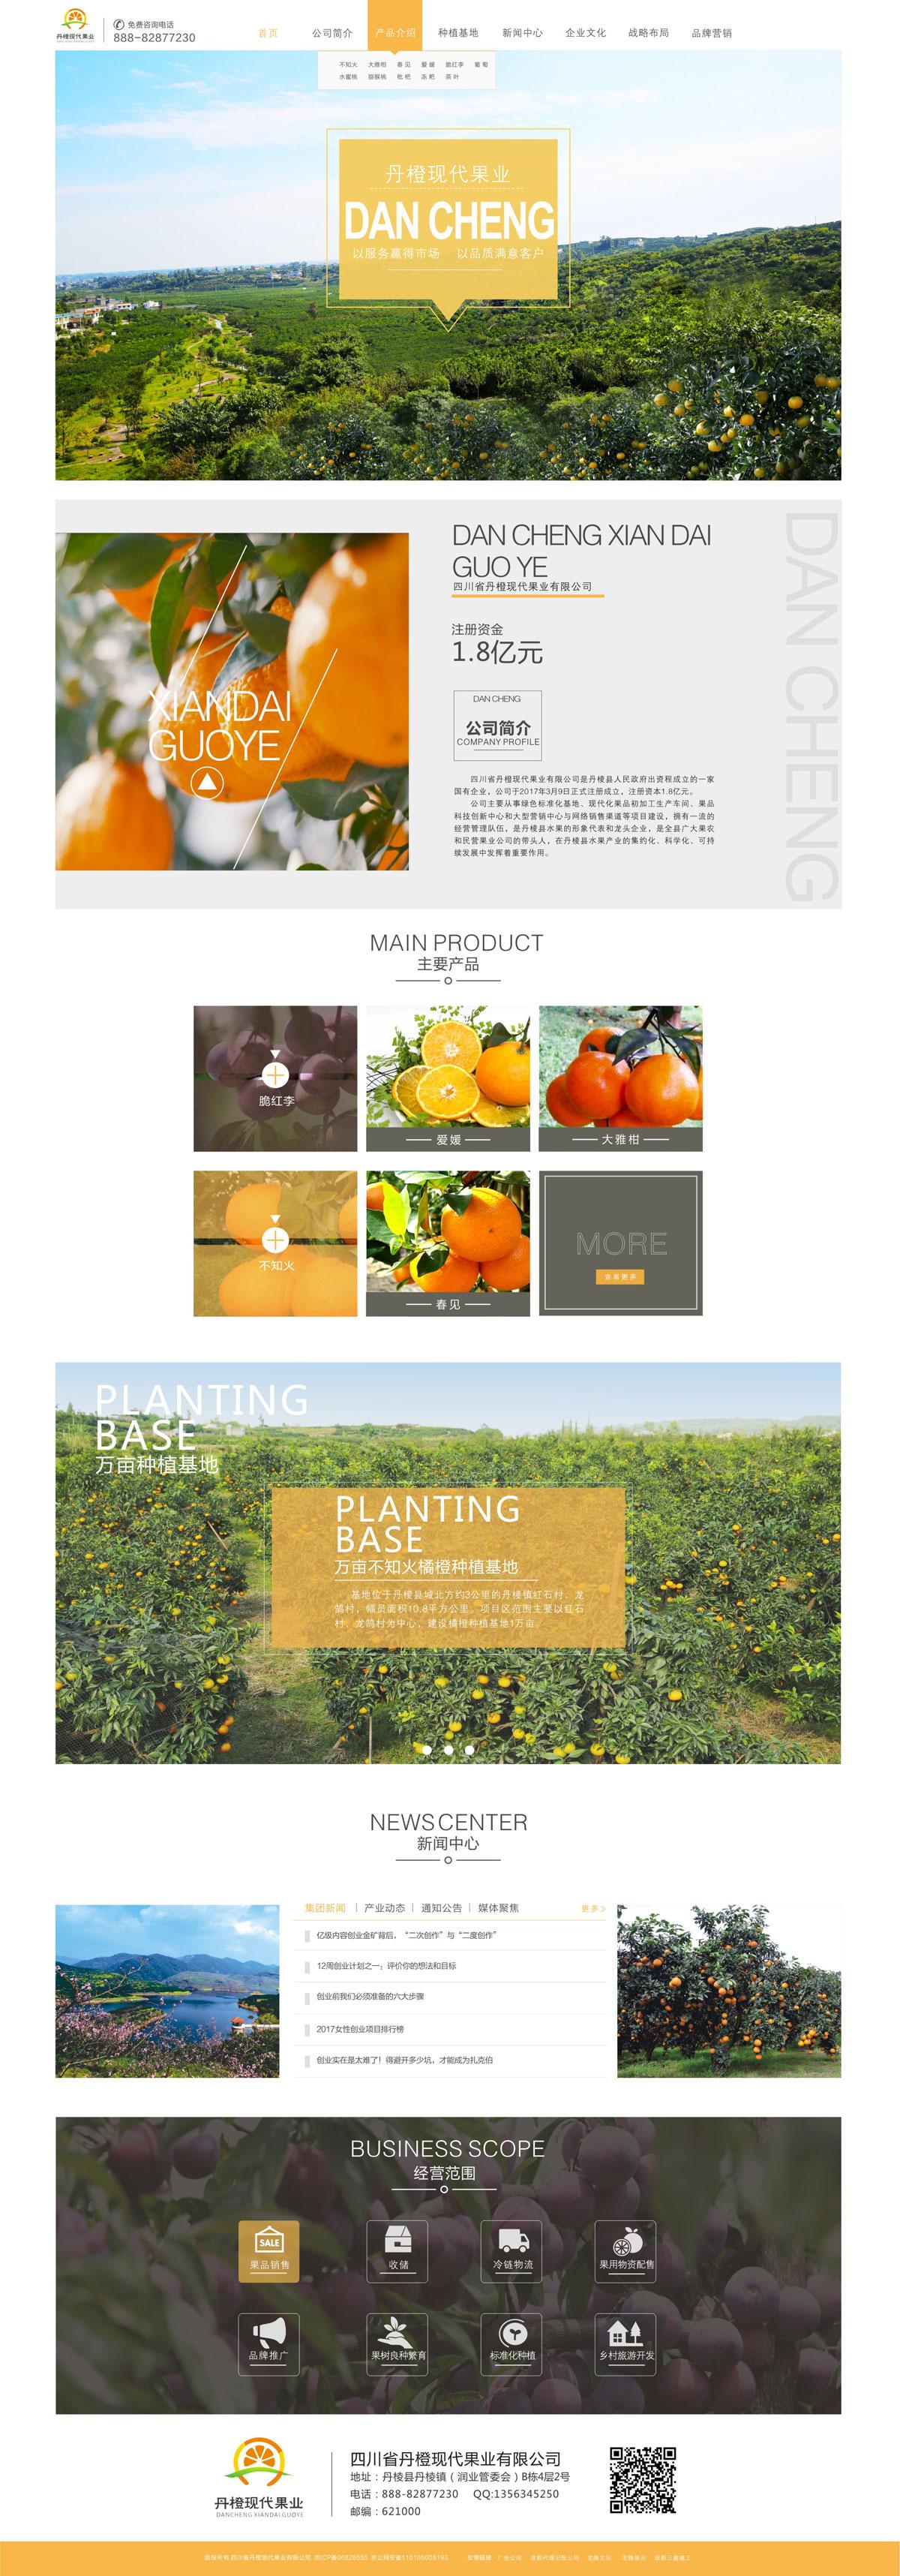 丹橙现代果业公司官网设计及技术实现_果业公司网站建设_果业公司网站设计